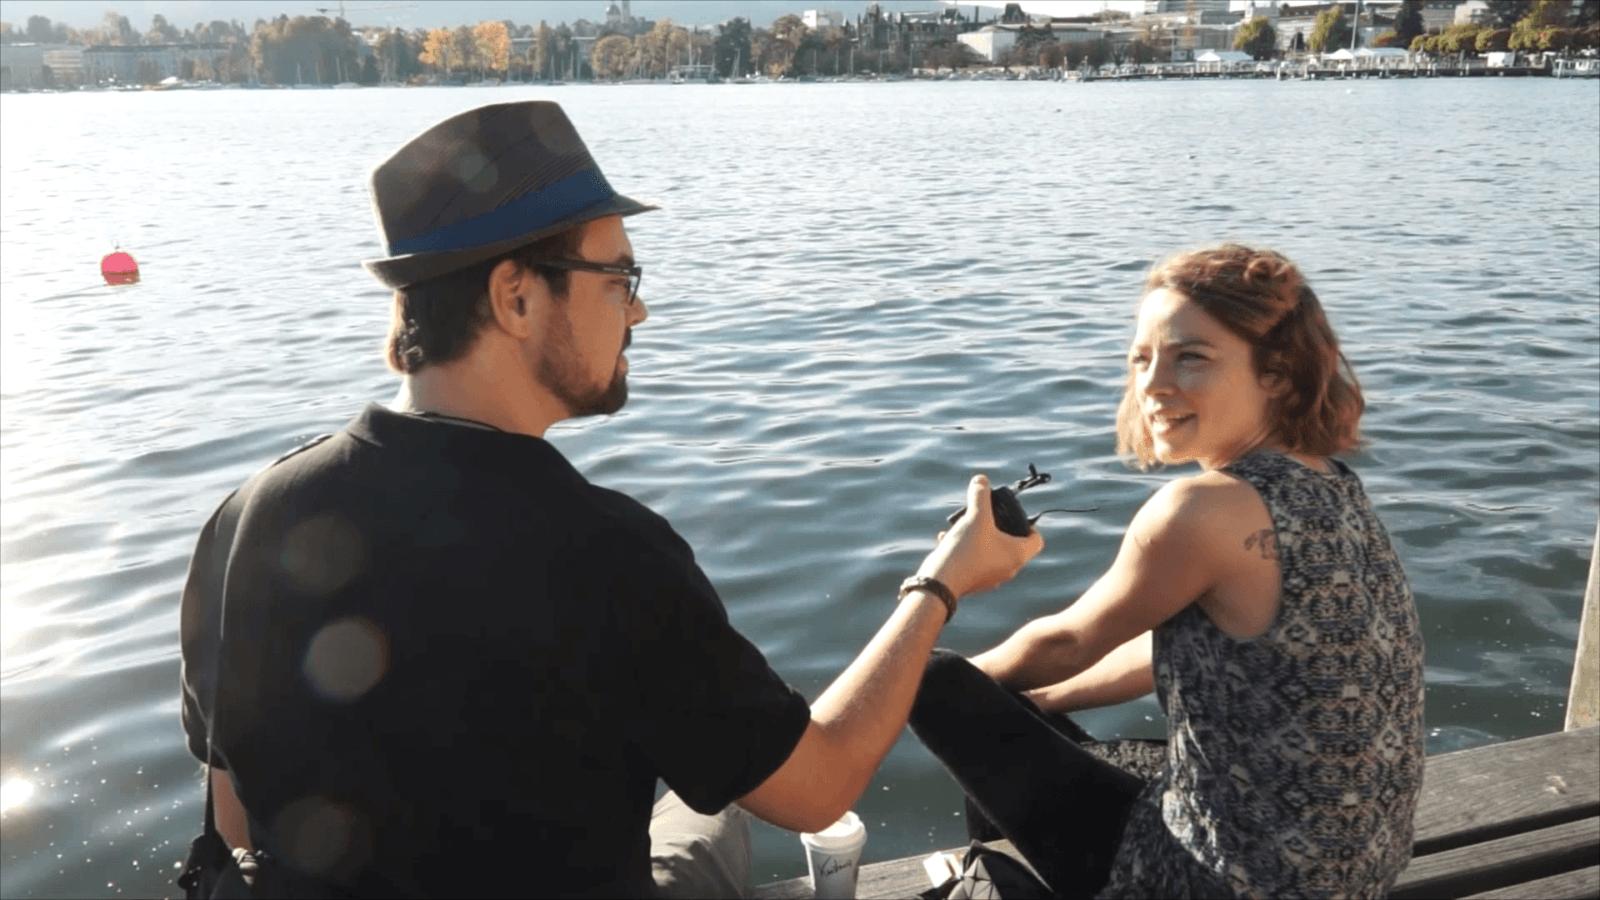 Warum flirten manner gerne